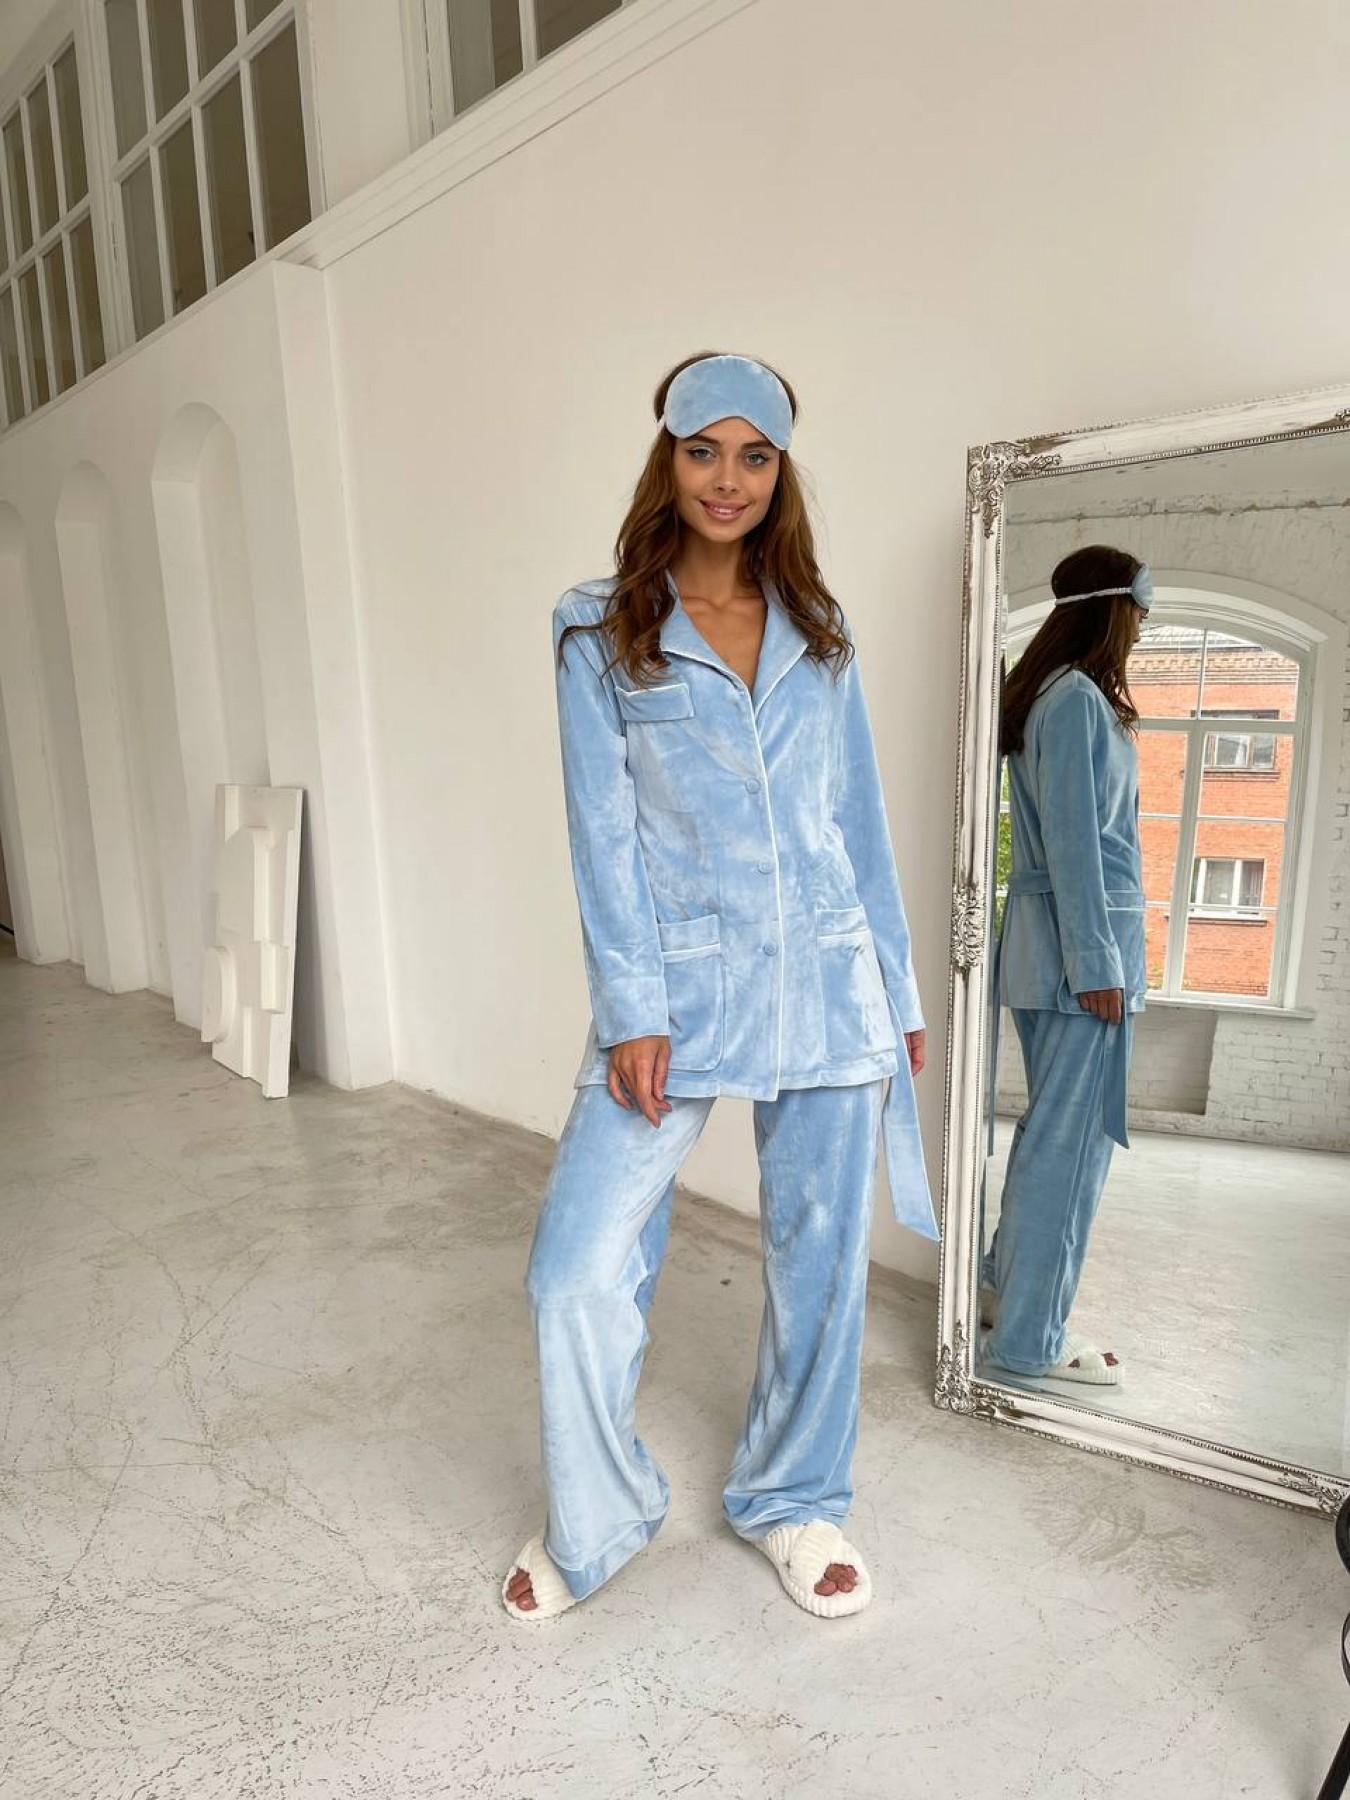 Шайн пижама велюр жакет брюки маска для сна 10353 АРТ. 46717 Цвет: Голубой - фото 5, интернет магазин tm-modus.ru